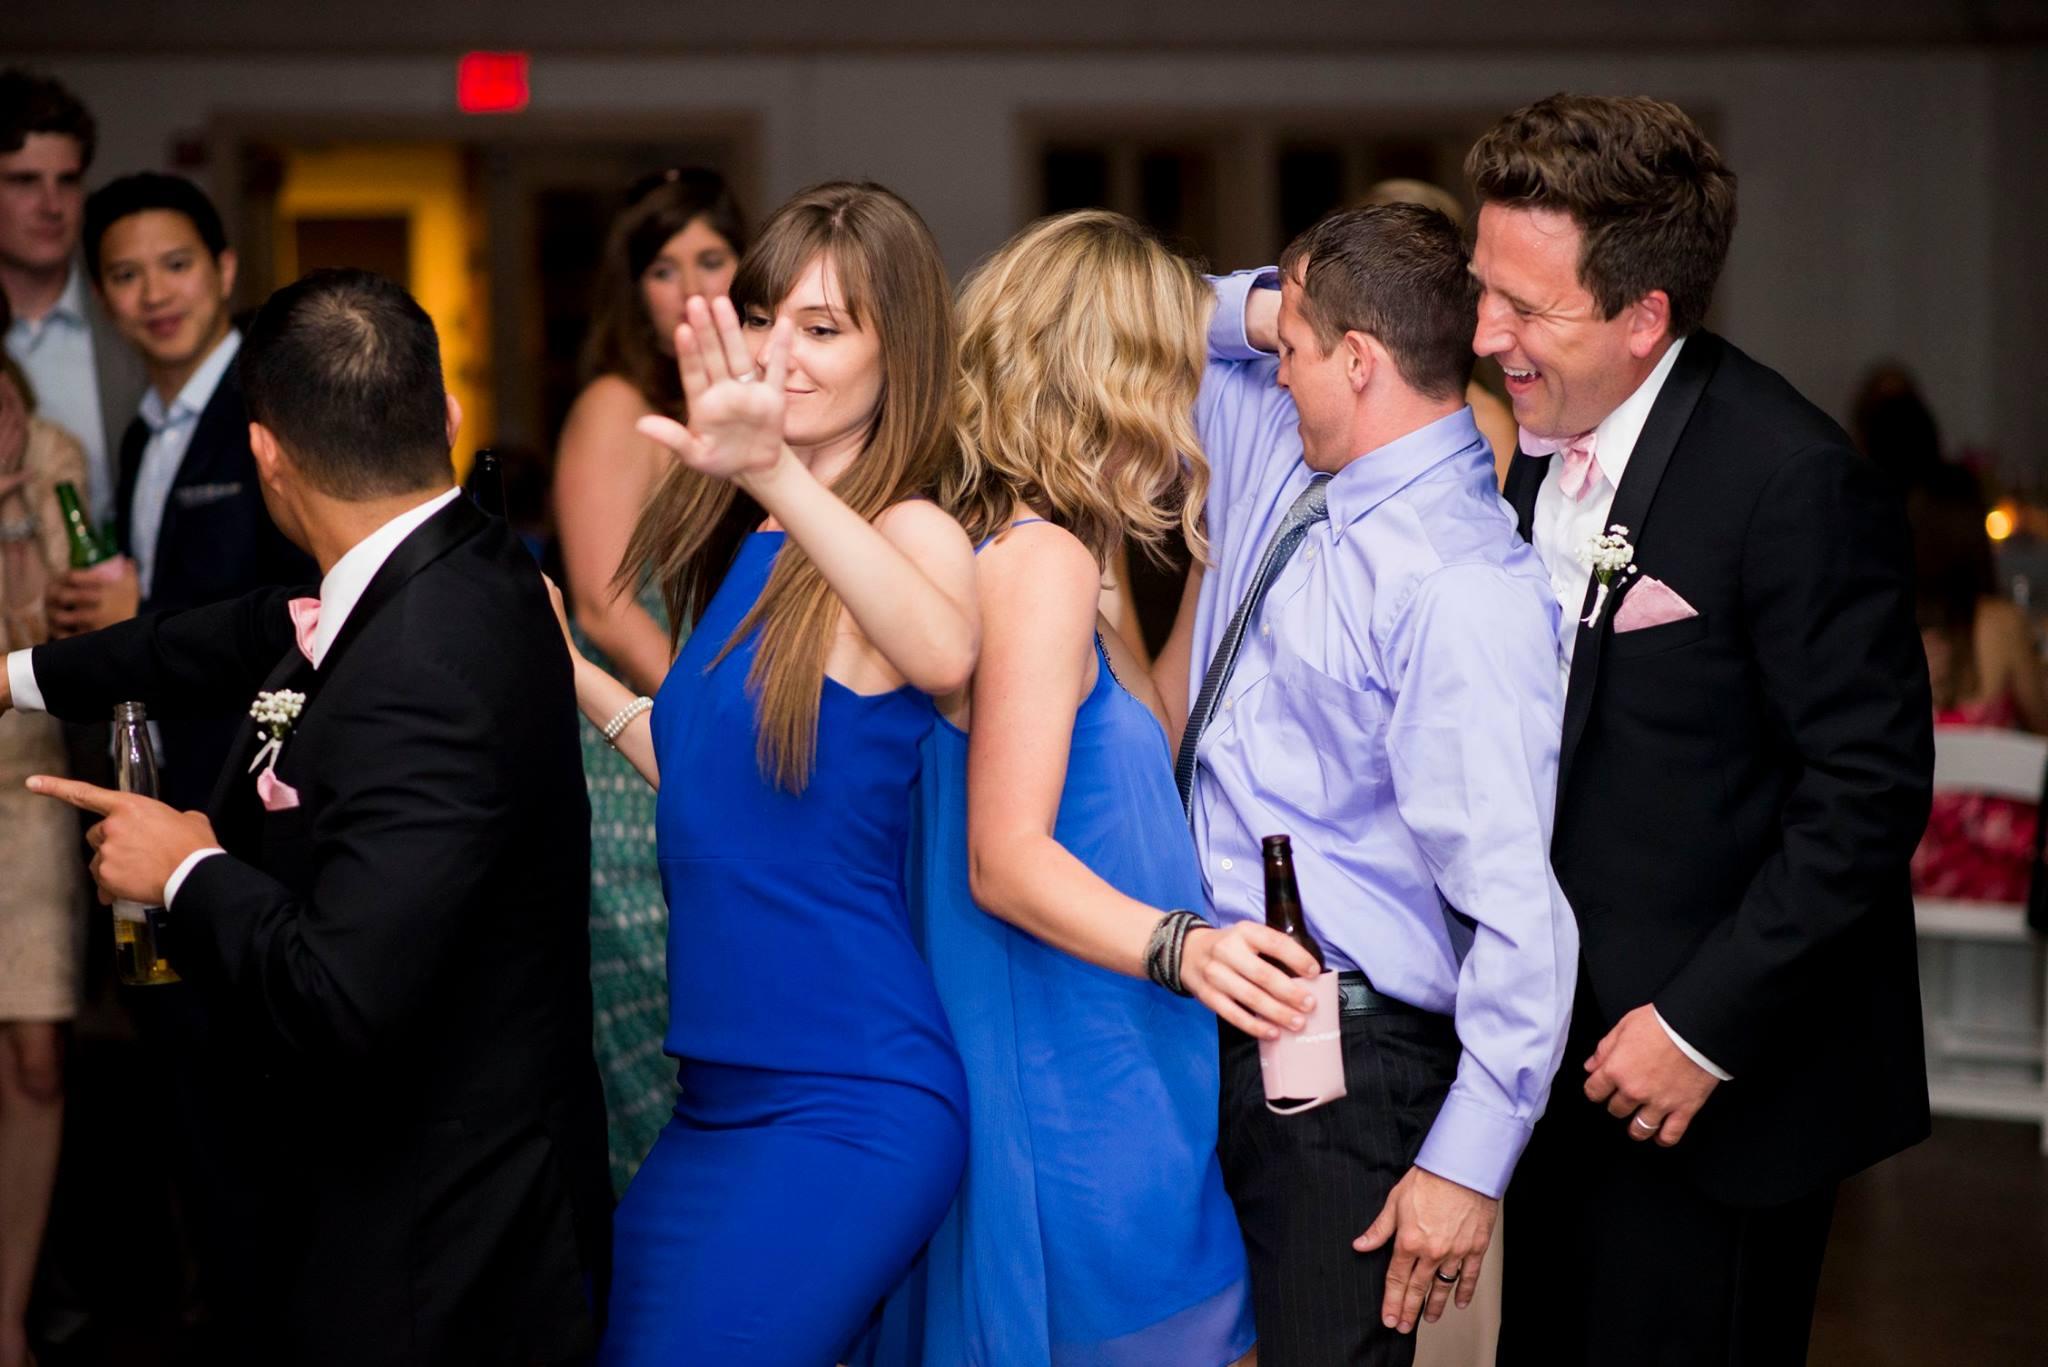 wedding-dj-dallas-best-reception-venues-in-tx-13568927_10206748937549168_3754045588127396662_o.jpg